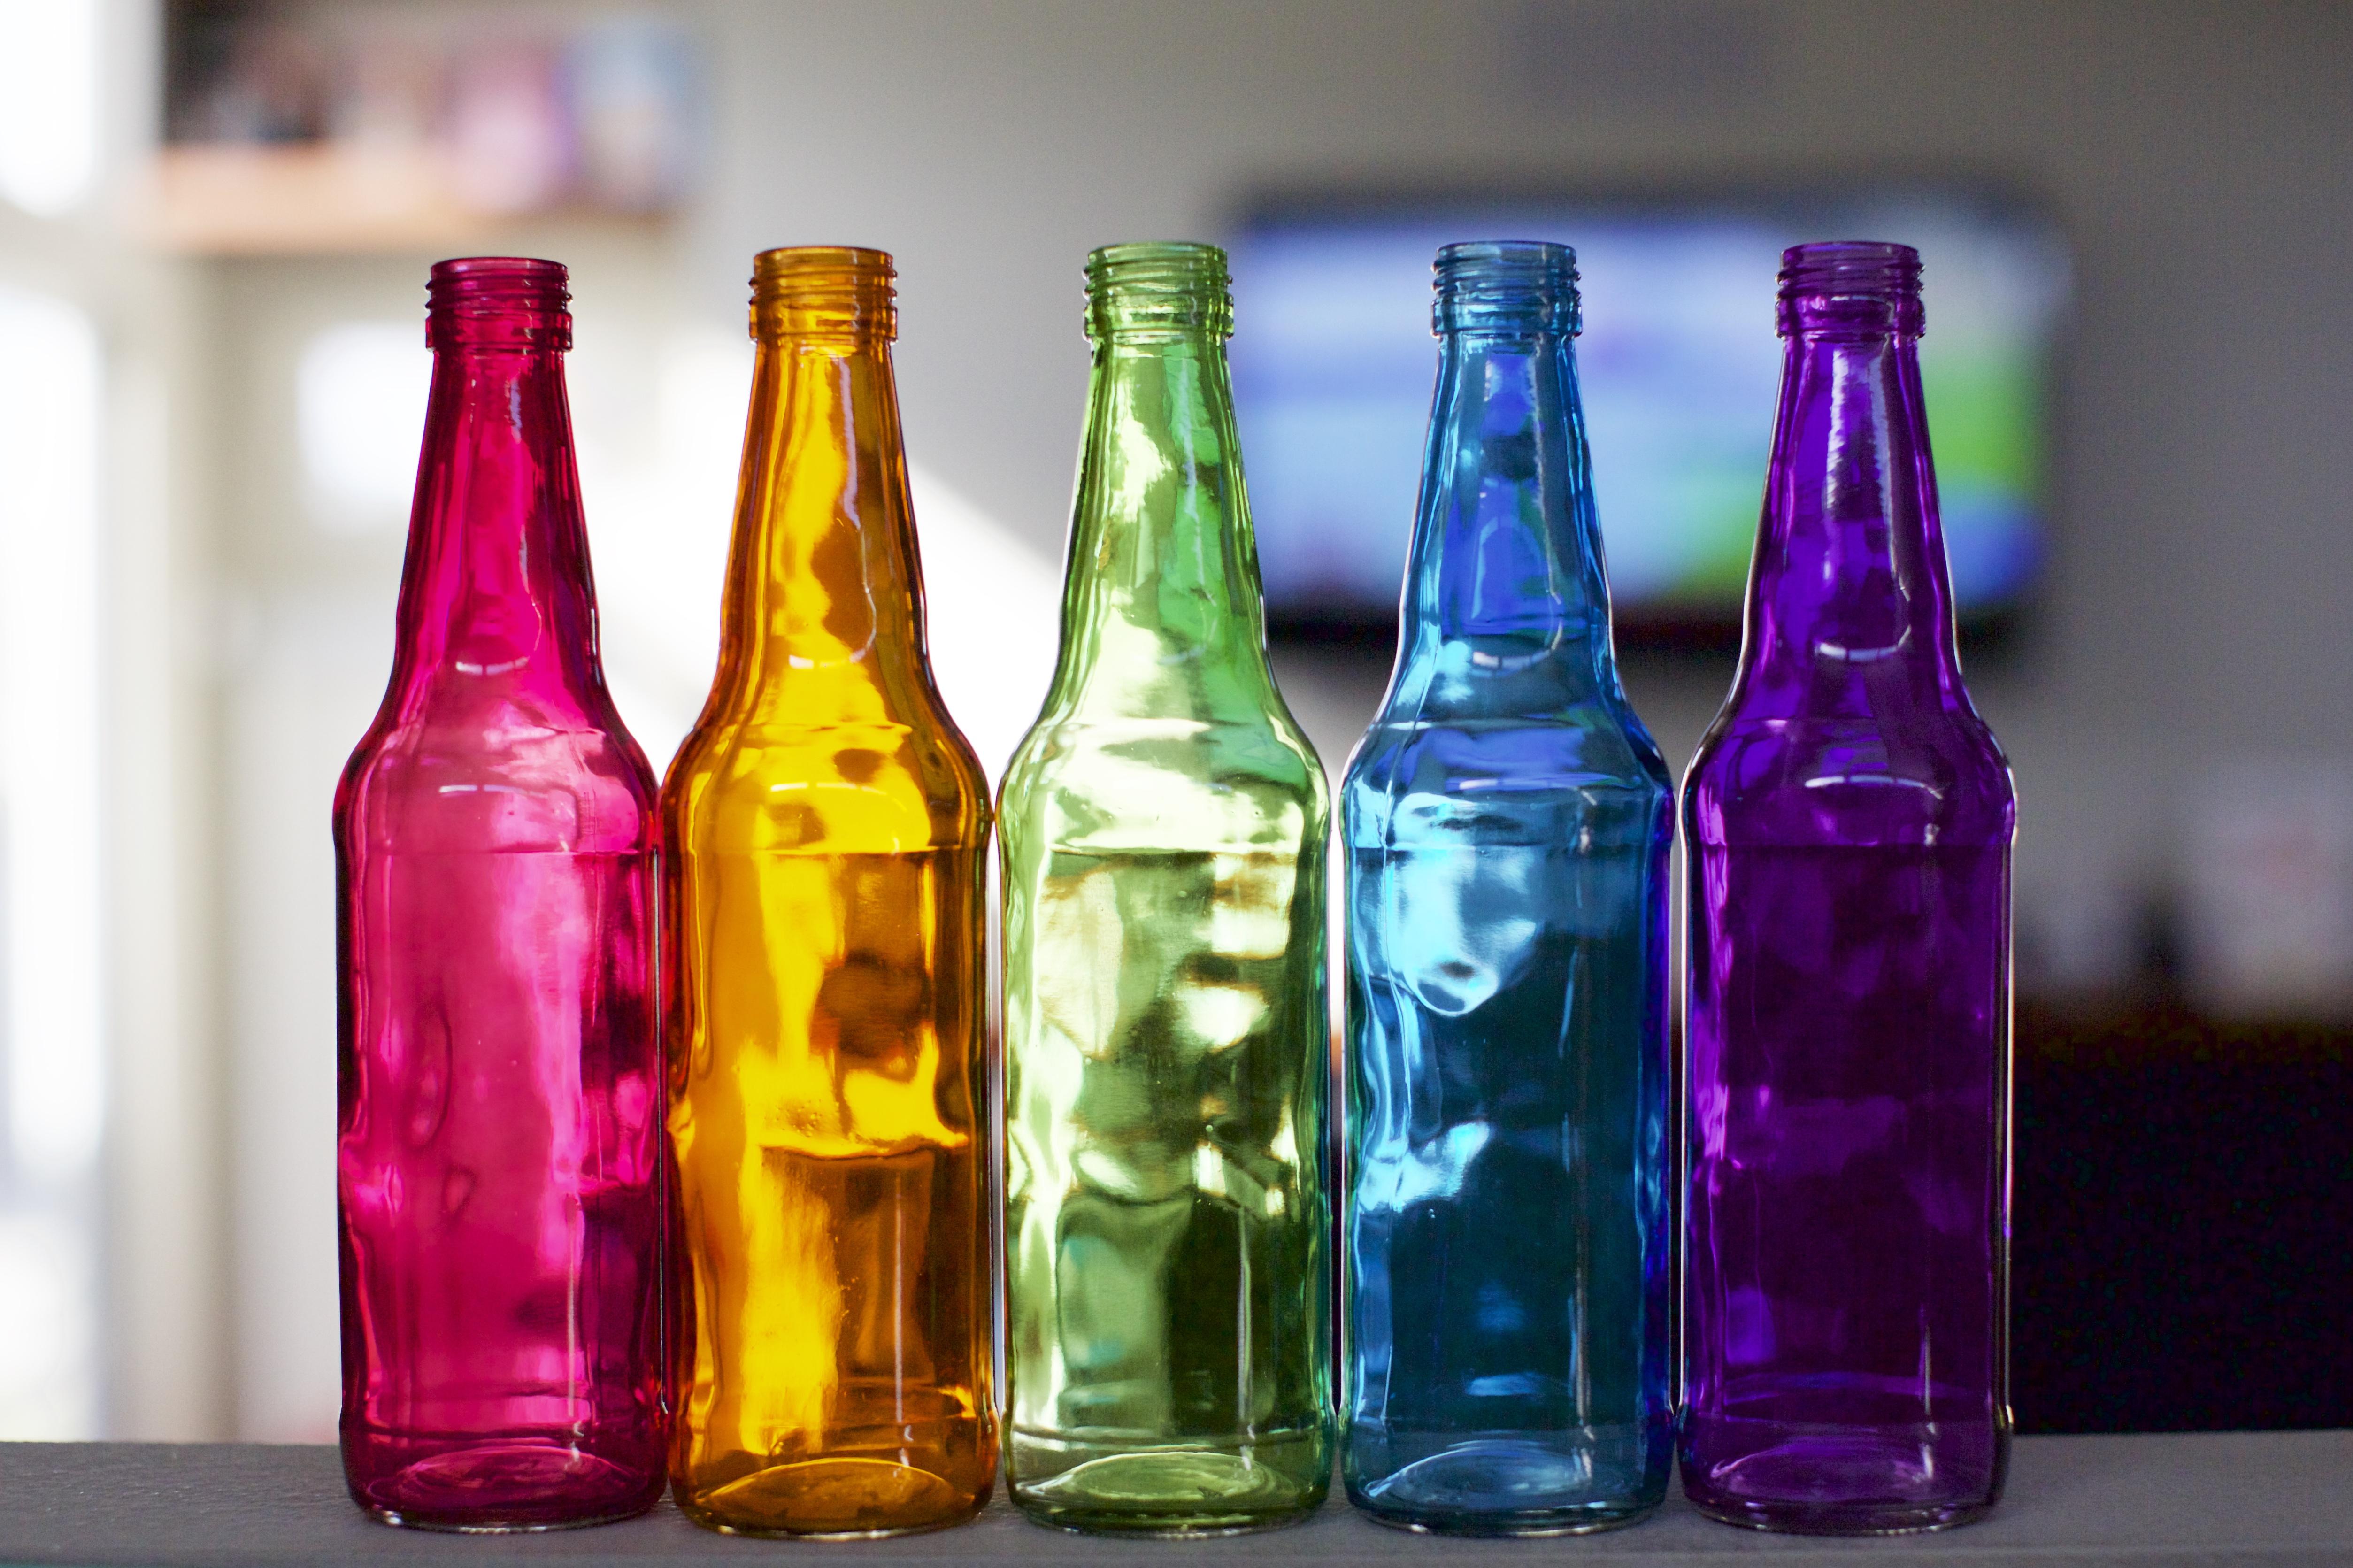 Несколько бутылок картинка